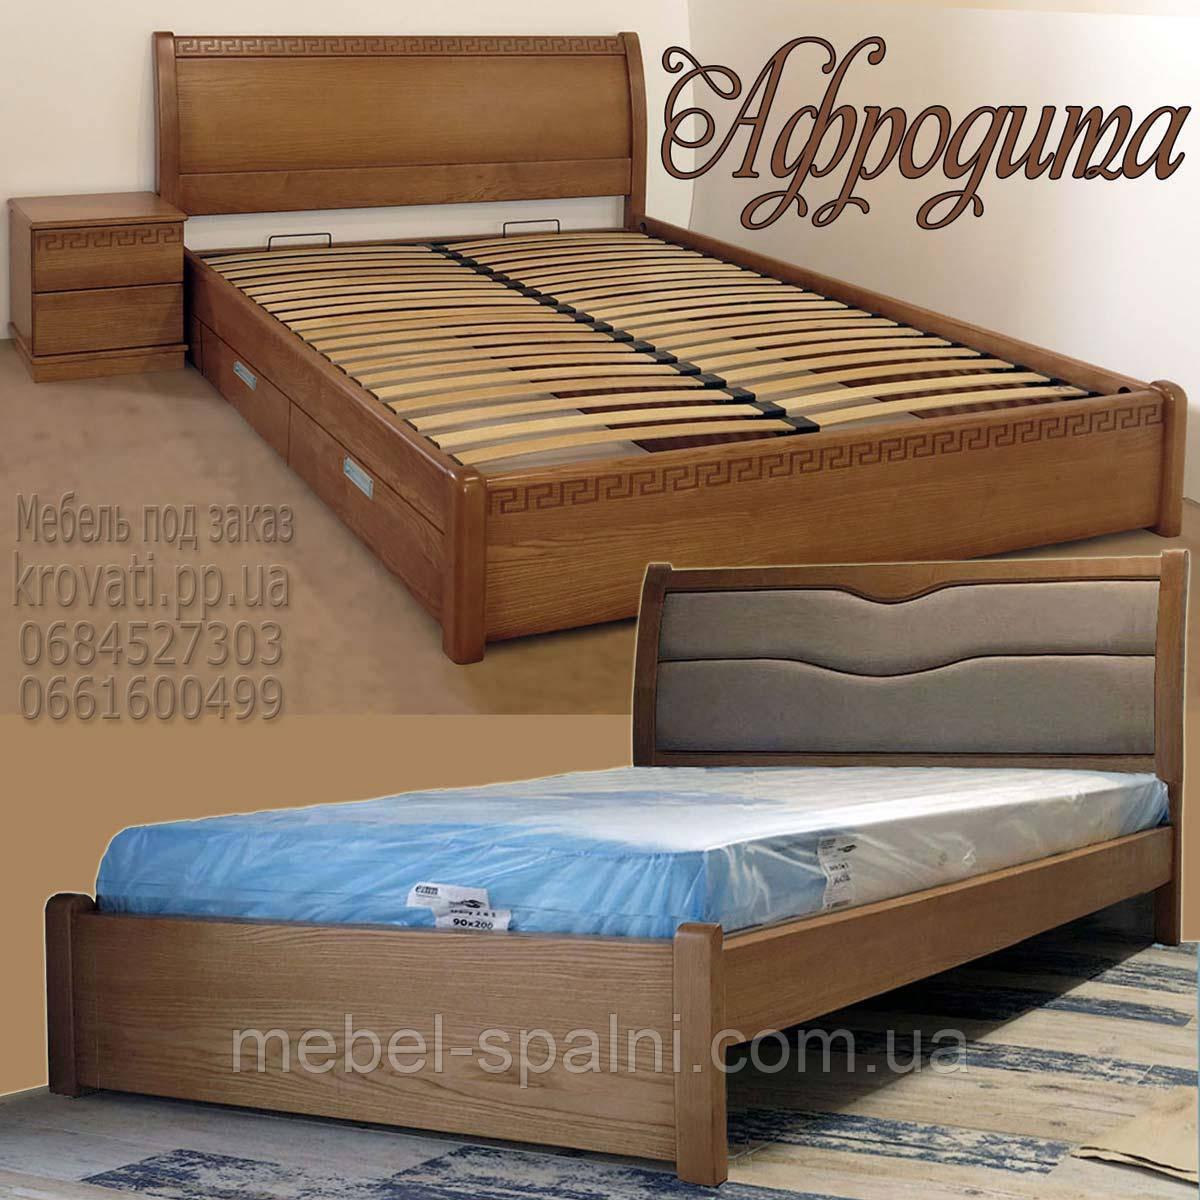 Кровать деревянная «Афродита»